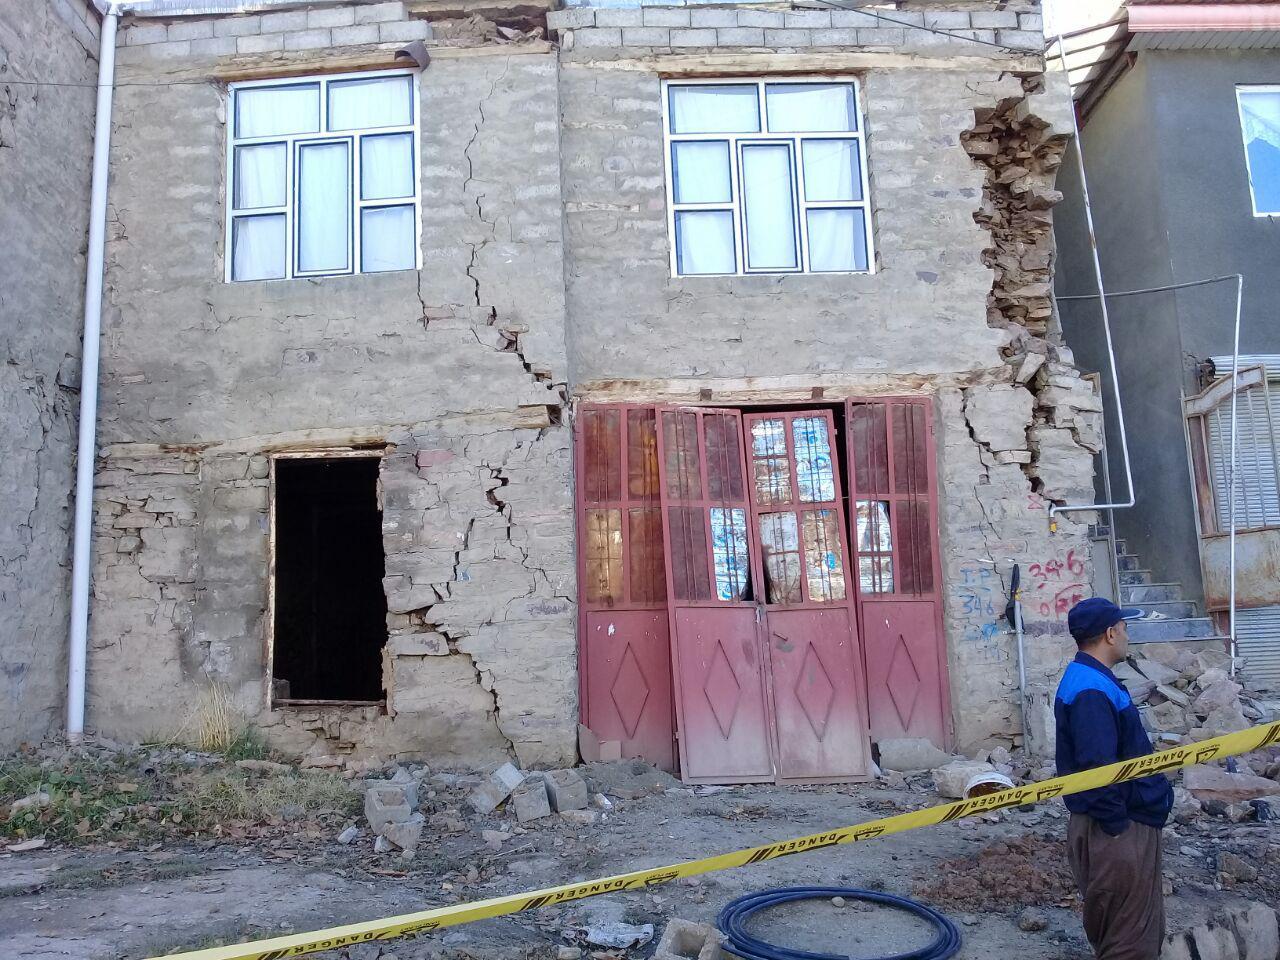 آواربرداری به پایان رسی / خسارات زلزله ۱۸۰۰ میلیارد تومان